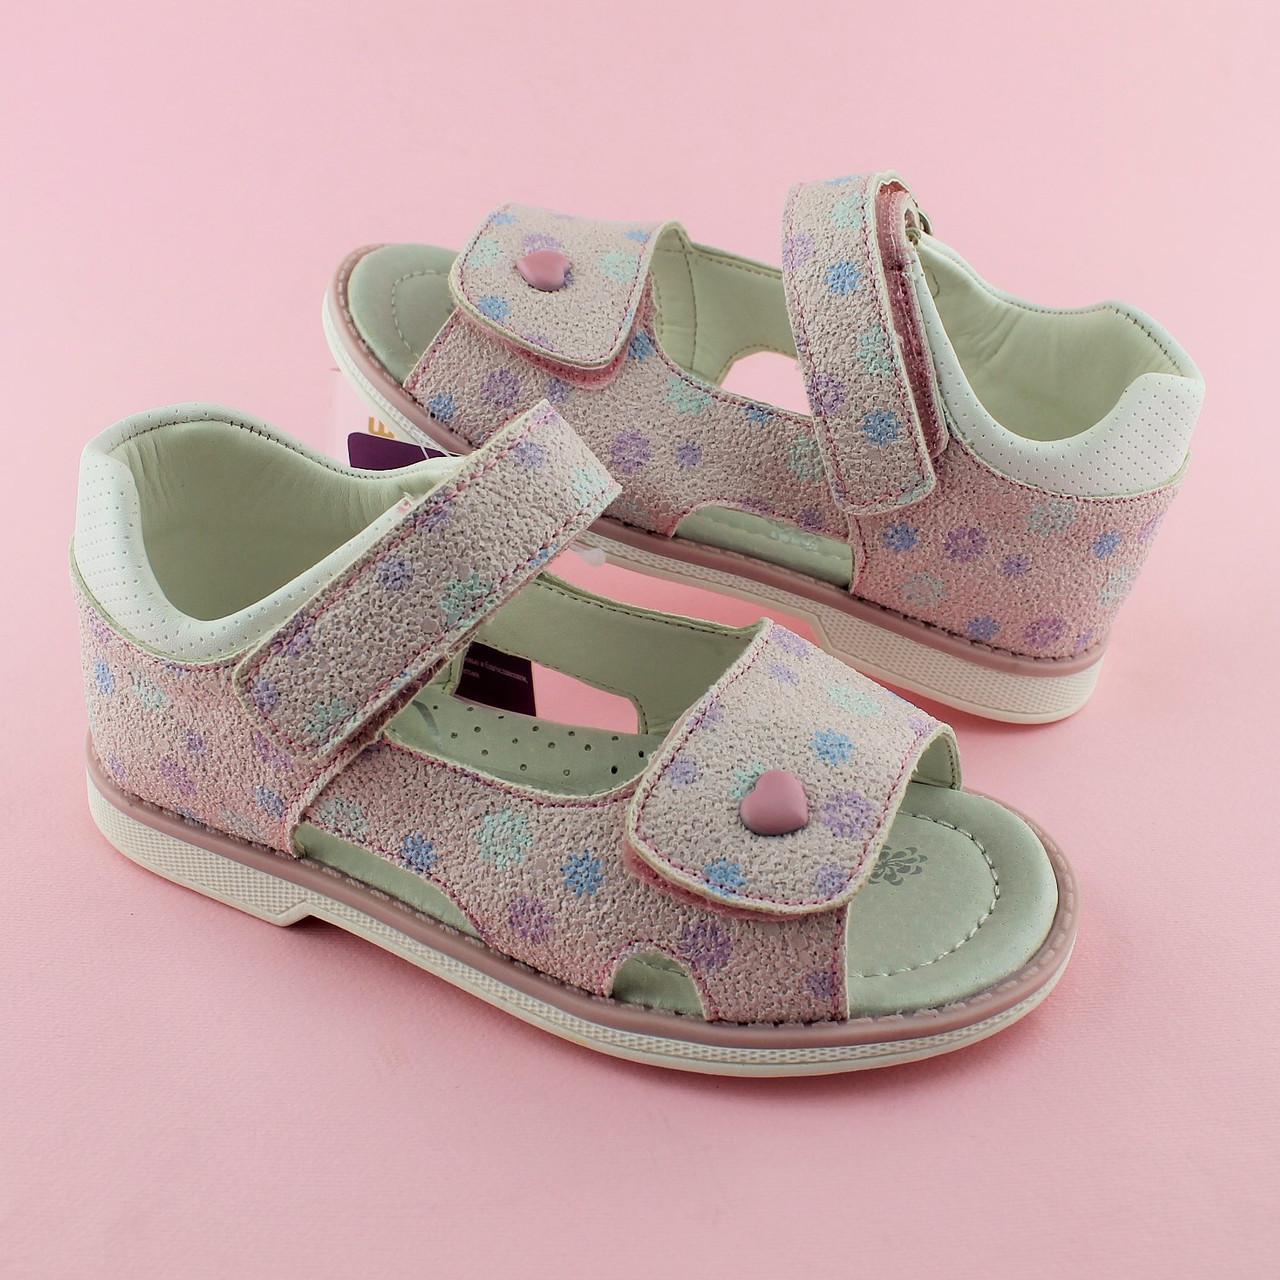 6e6706dc6 Ортопедические босоножки девочке TOMM размер 26,30 - BonKids - детский  магазин обуви в Киеве